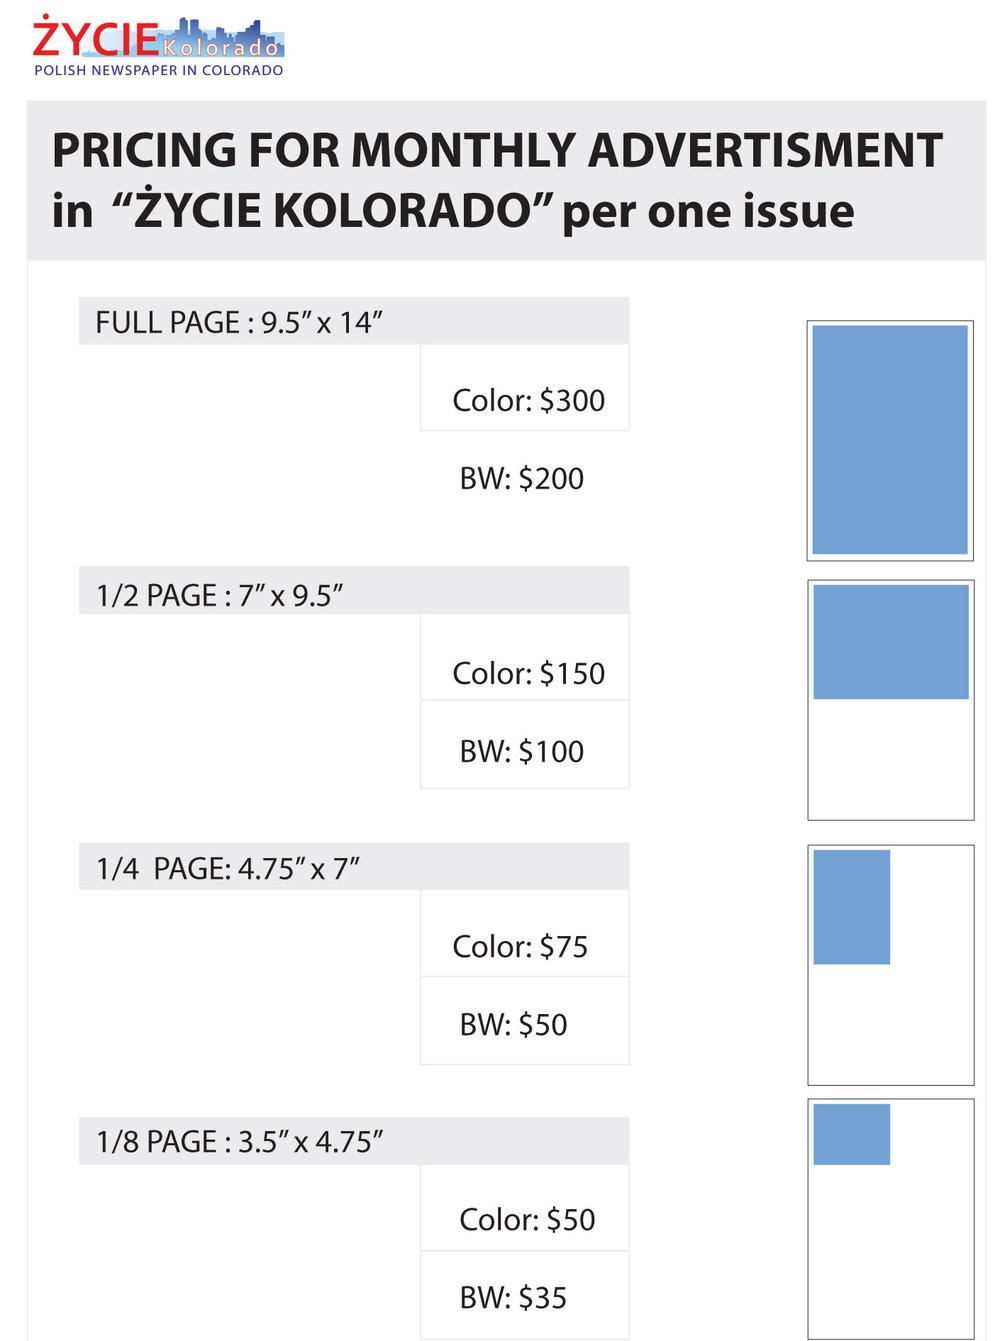 Zapraszamy do reklamy - Życie Kolorado to jedyną polskojęzyczną publikacją na Zachodzie USA. Jesteśmy bezpłatnym miesięcznikiem dostępnym na internecie i w formie papierowej. Państwa reklama w Życiu Kolorado zapewnia Wam ekspozycję na polskojęzycznych klientów.Nasze ceny są przystępne i nie zmieniły się od powstania naszego pisma w 2009 roku.Reklamując się z Życiem Kolorado promujecie Państwo swoją działalność biznesową a jednocześnie bezpośrednio wspieracie żywotność naszego pisma - za co serdecznie dziękujemy.Nie wiecie jak zacząć? Doradzimy i zaprojektujemy Waszą reklamę bezpłatnie. Państwa reklama będzie publikowana w papierowym wydaniu i dostępna on-line 24/7 oraz w wykazie naszych reklamodawców.Pytania? Prosimy o kontakt: e-mailowy lub telefoniczny.